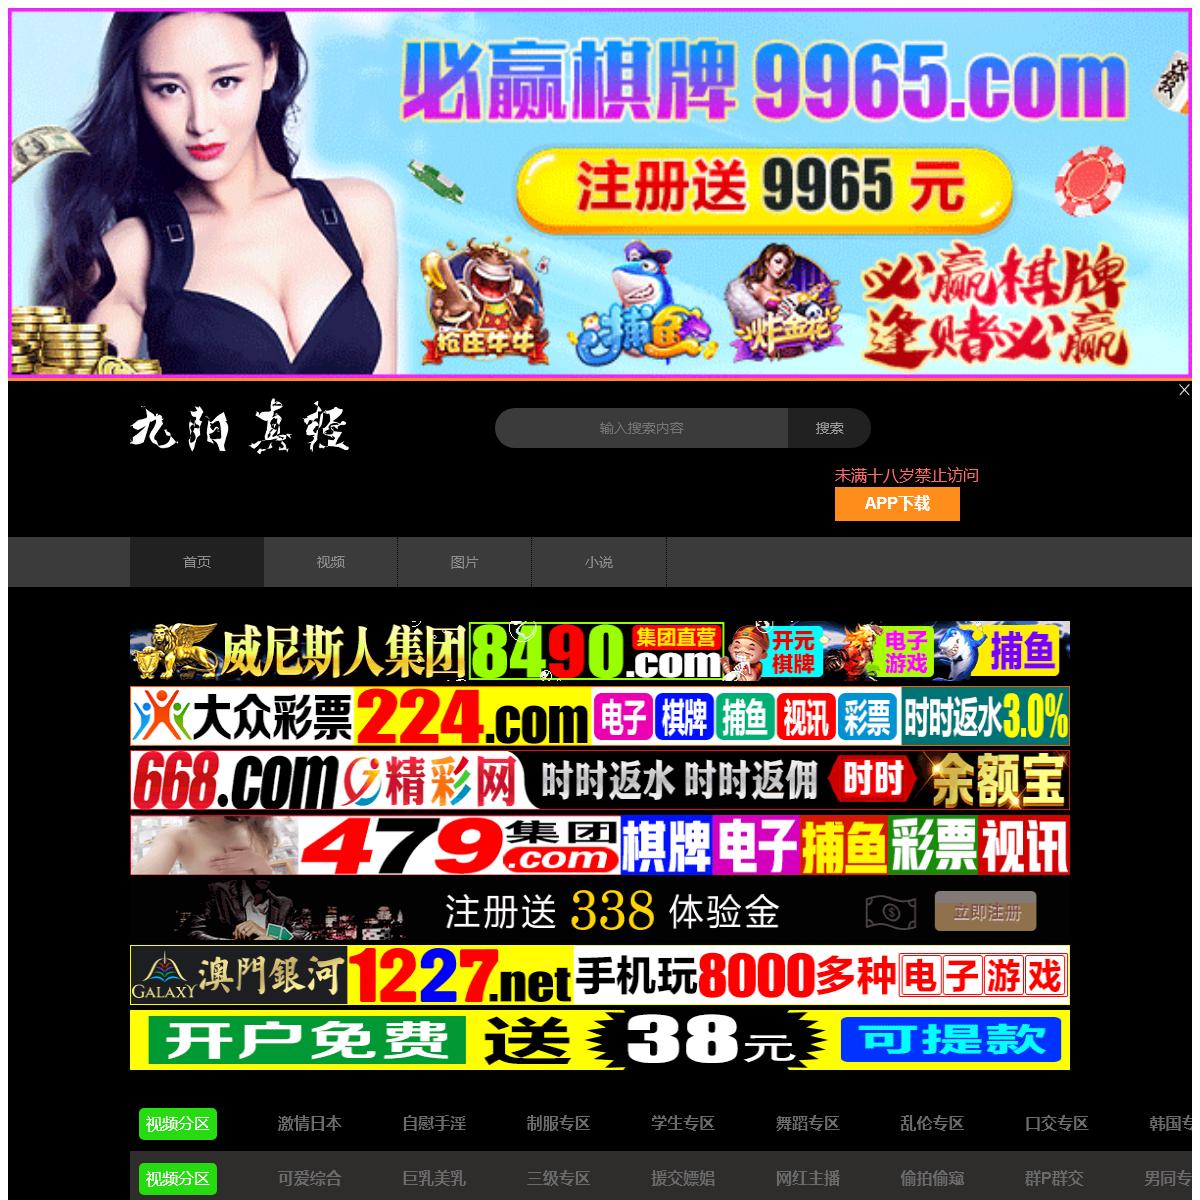 A complete backup of jiguangjiagong.net